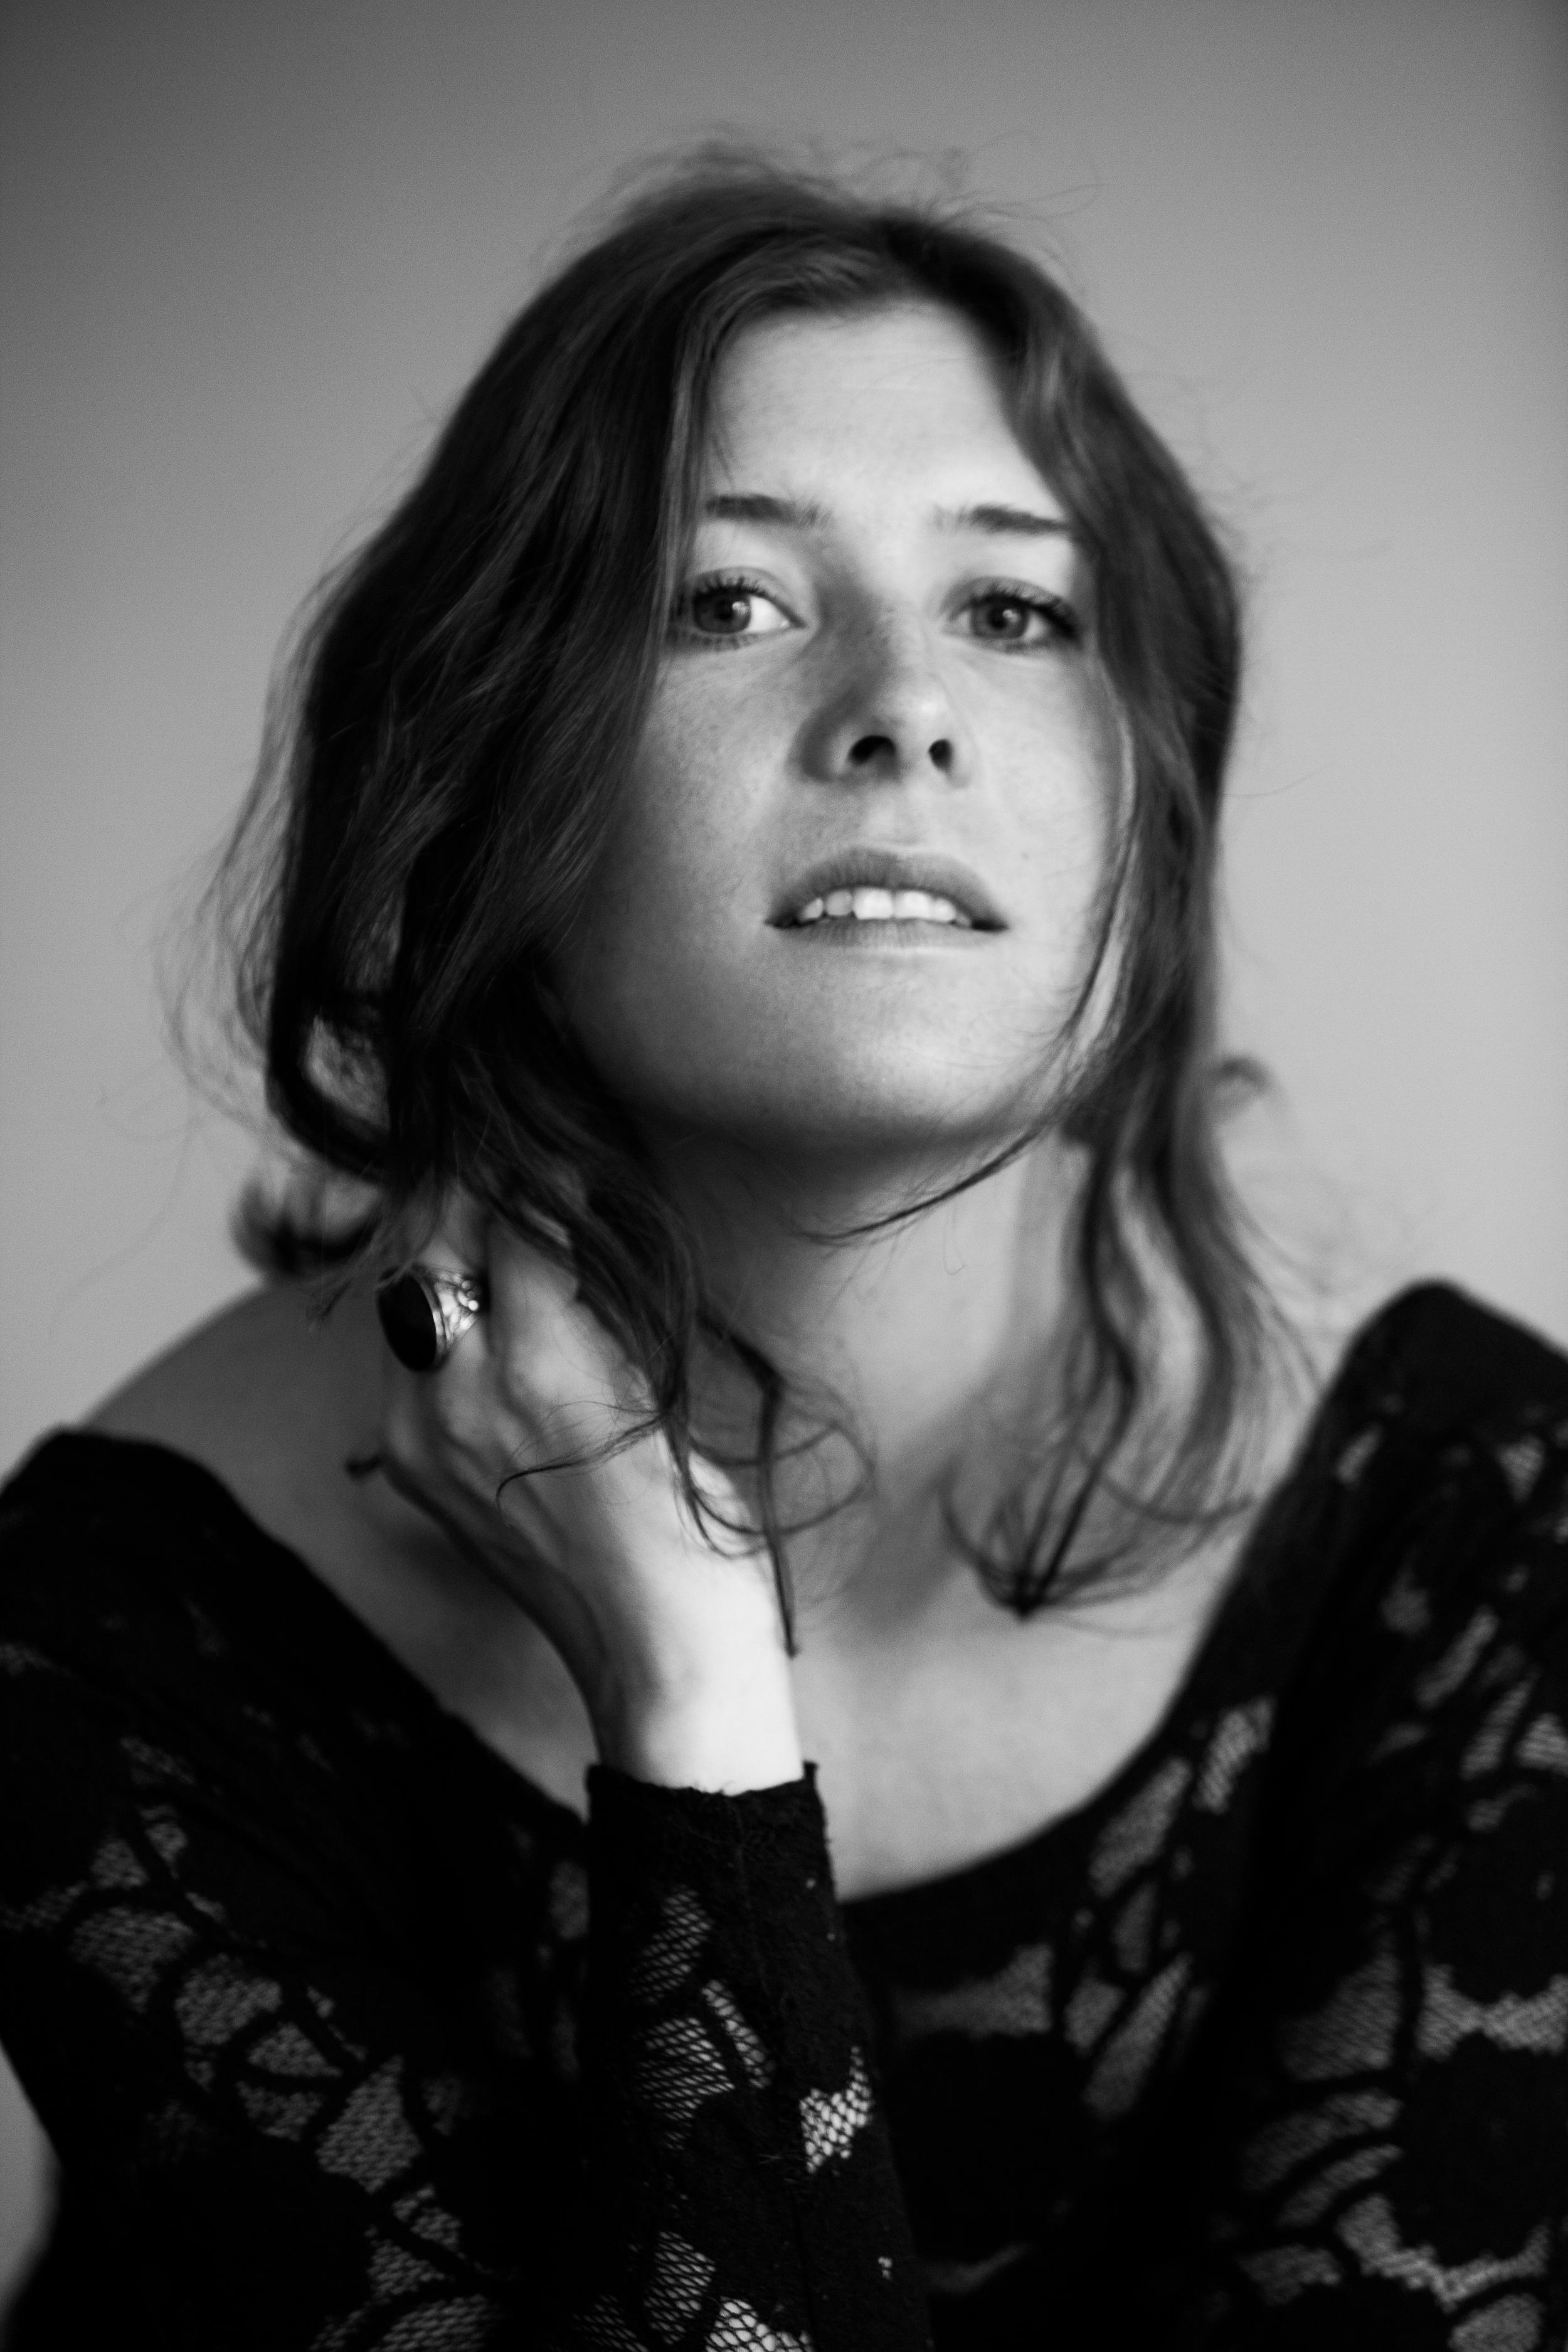 Foto: Kjell Ruben Strøm (2013)